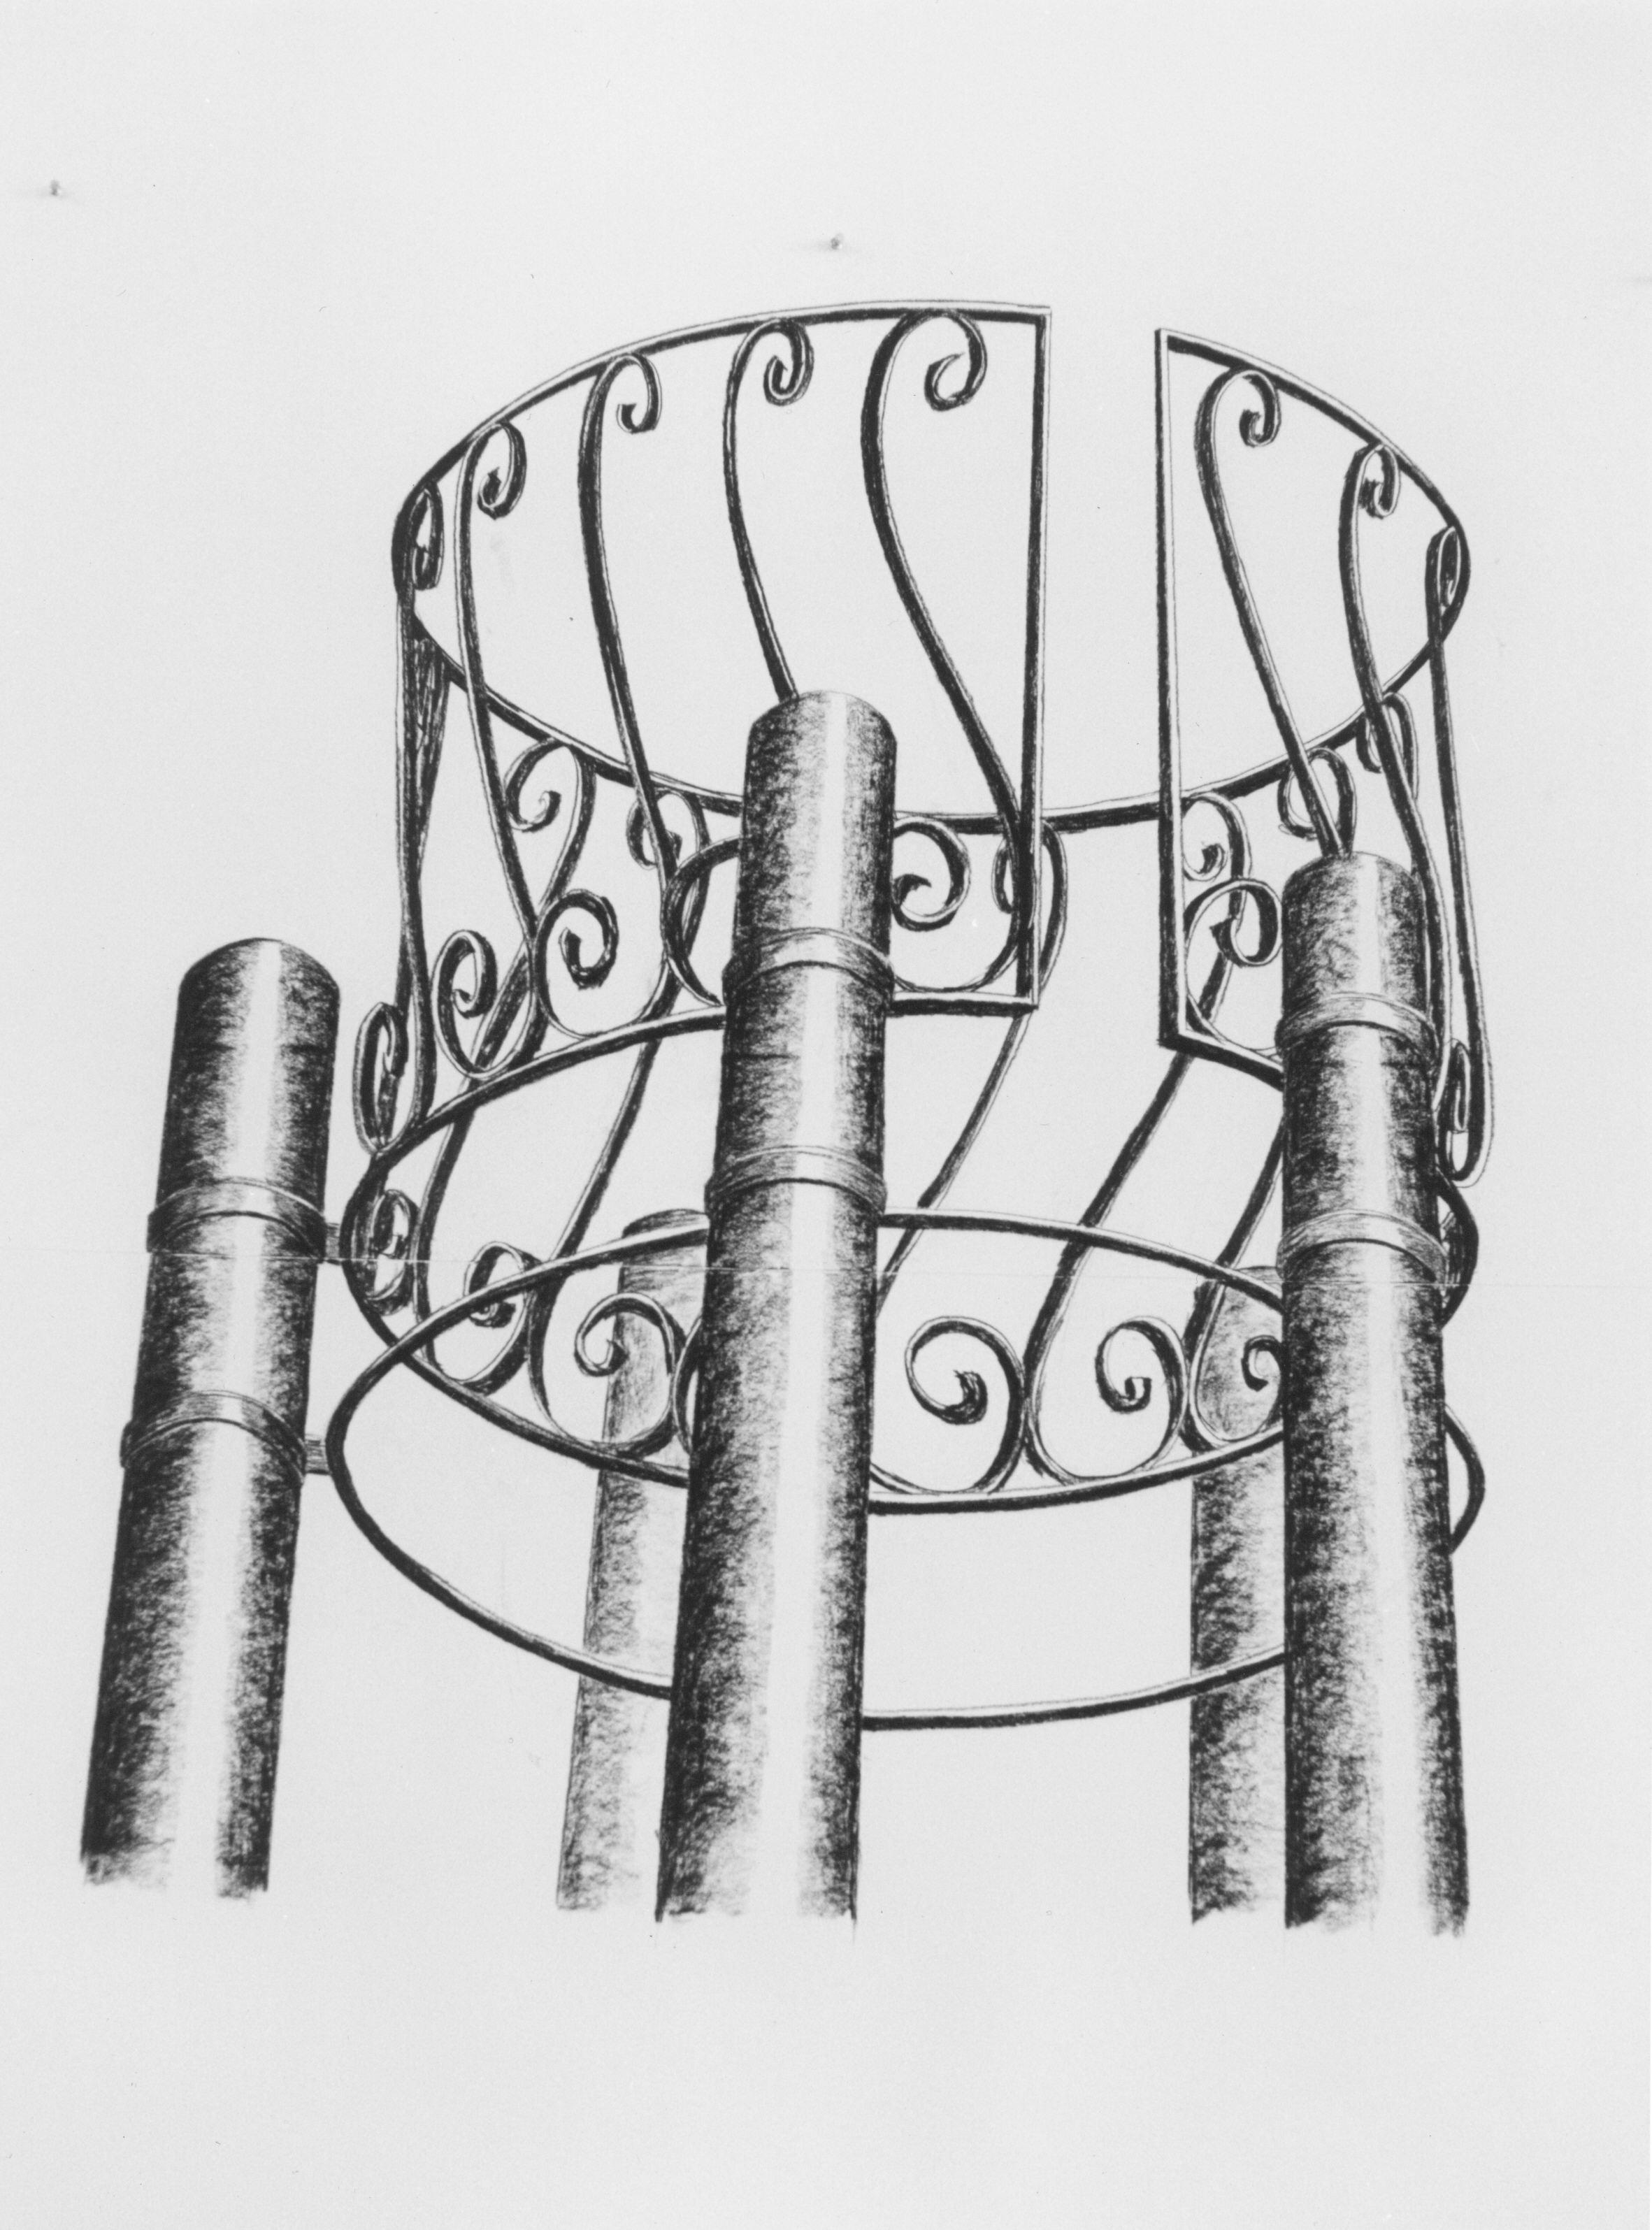 1993-Plaats voor zieleheil, conte op papier, 160x90cm